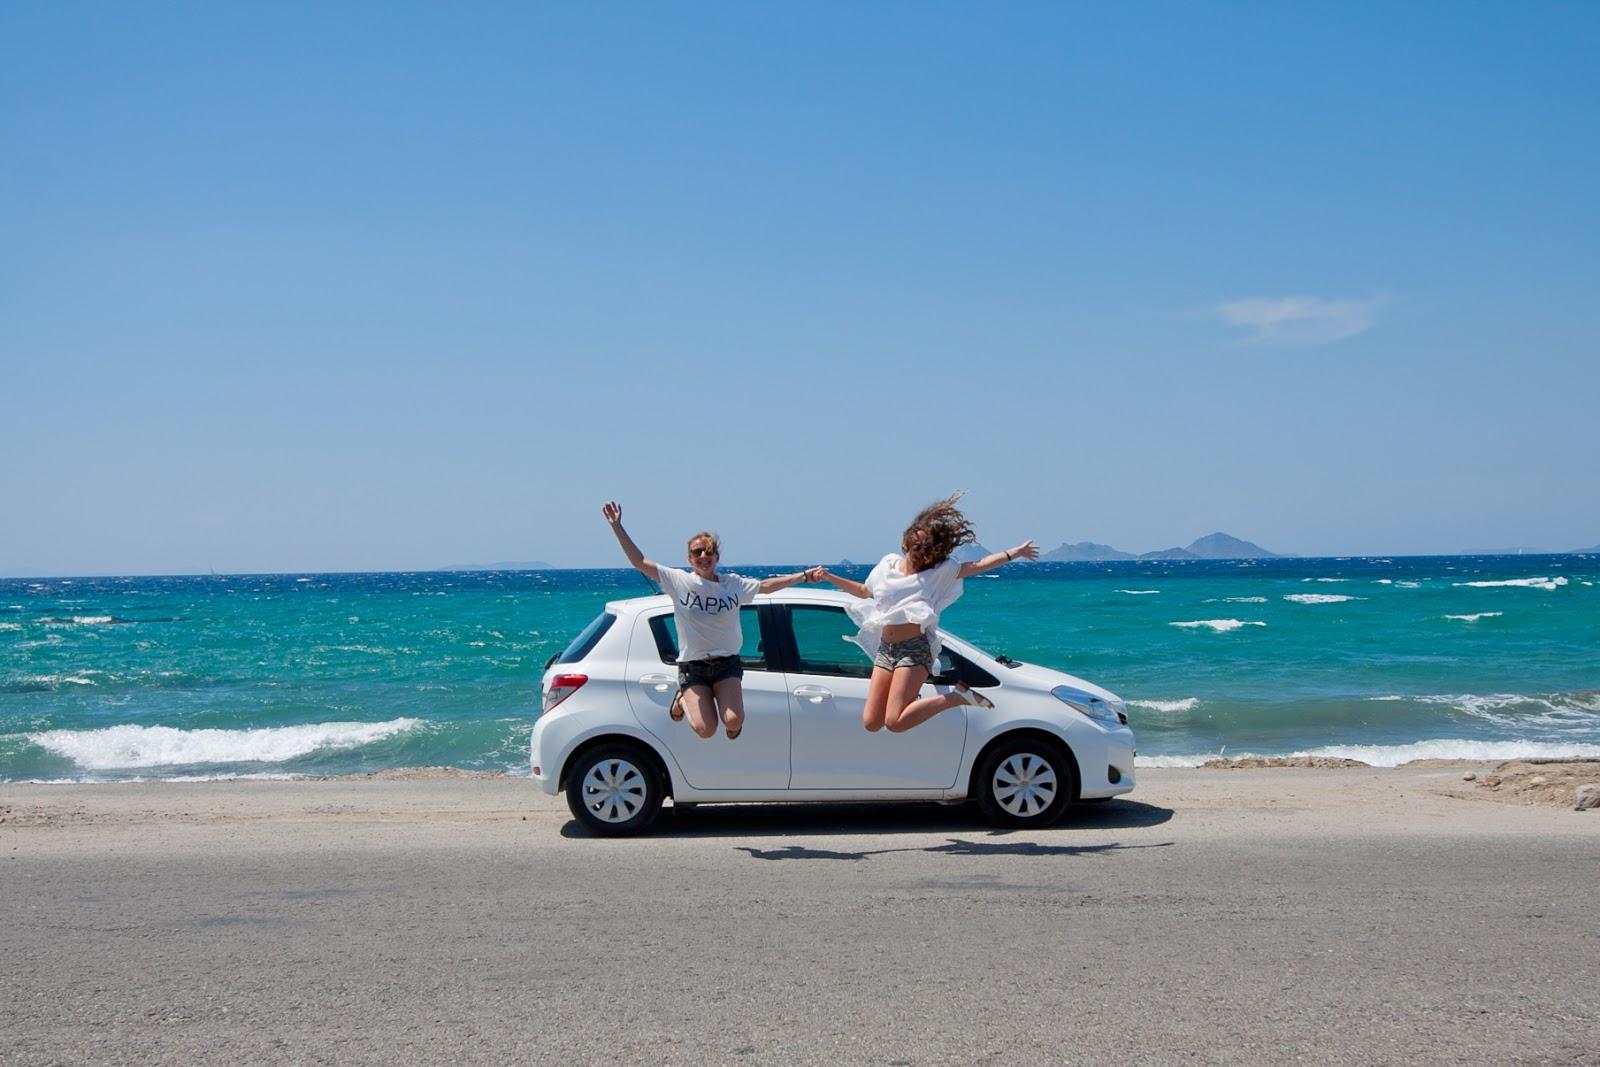 kos-wypożyczanie-samochodu